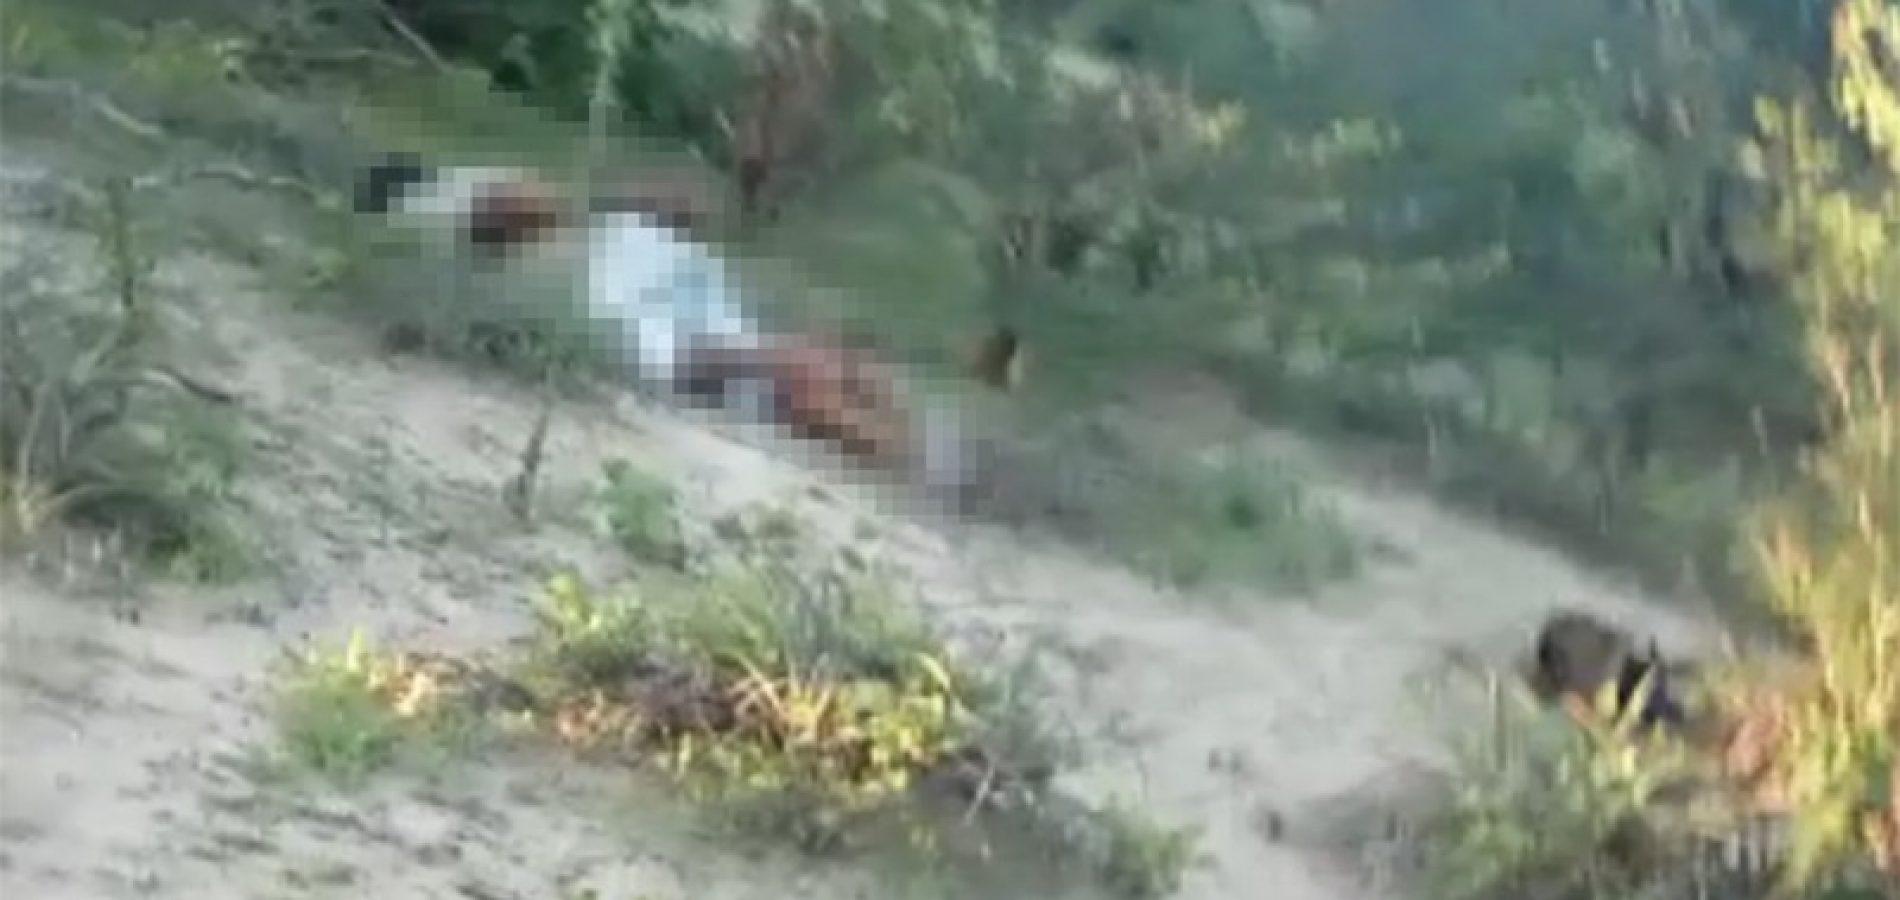 Três pessoas são encontradas mortas com sinais de tortura na divisa do Piauí e Bahia